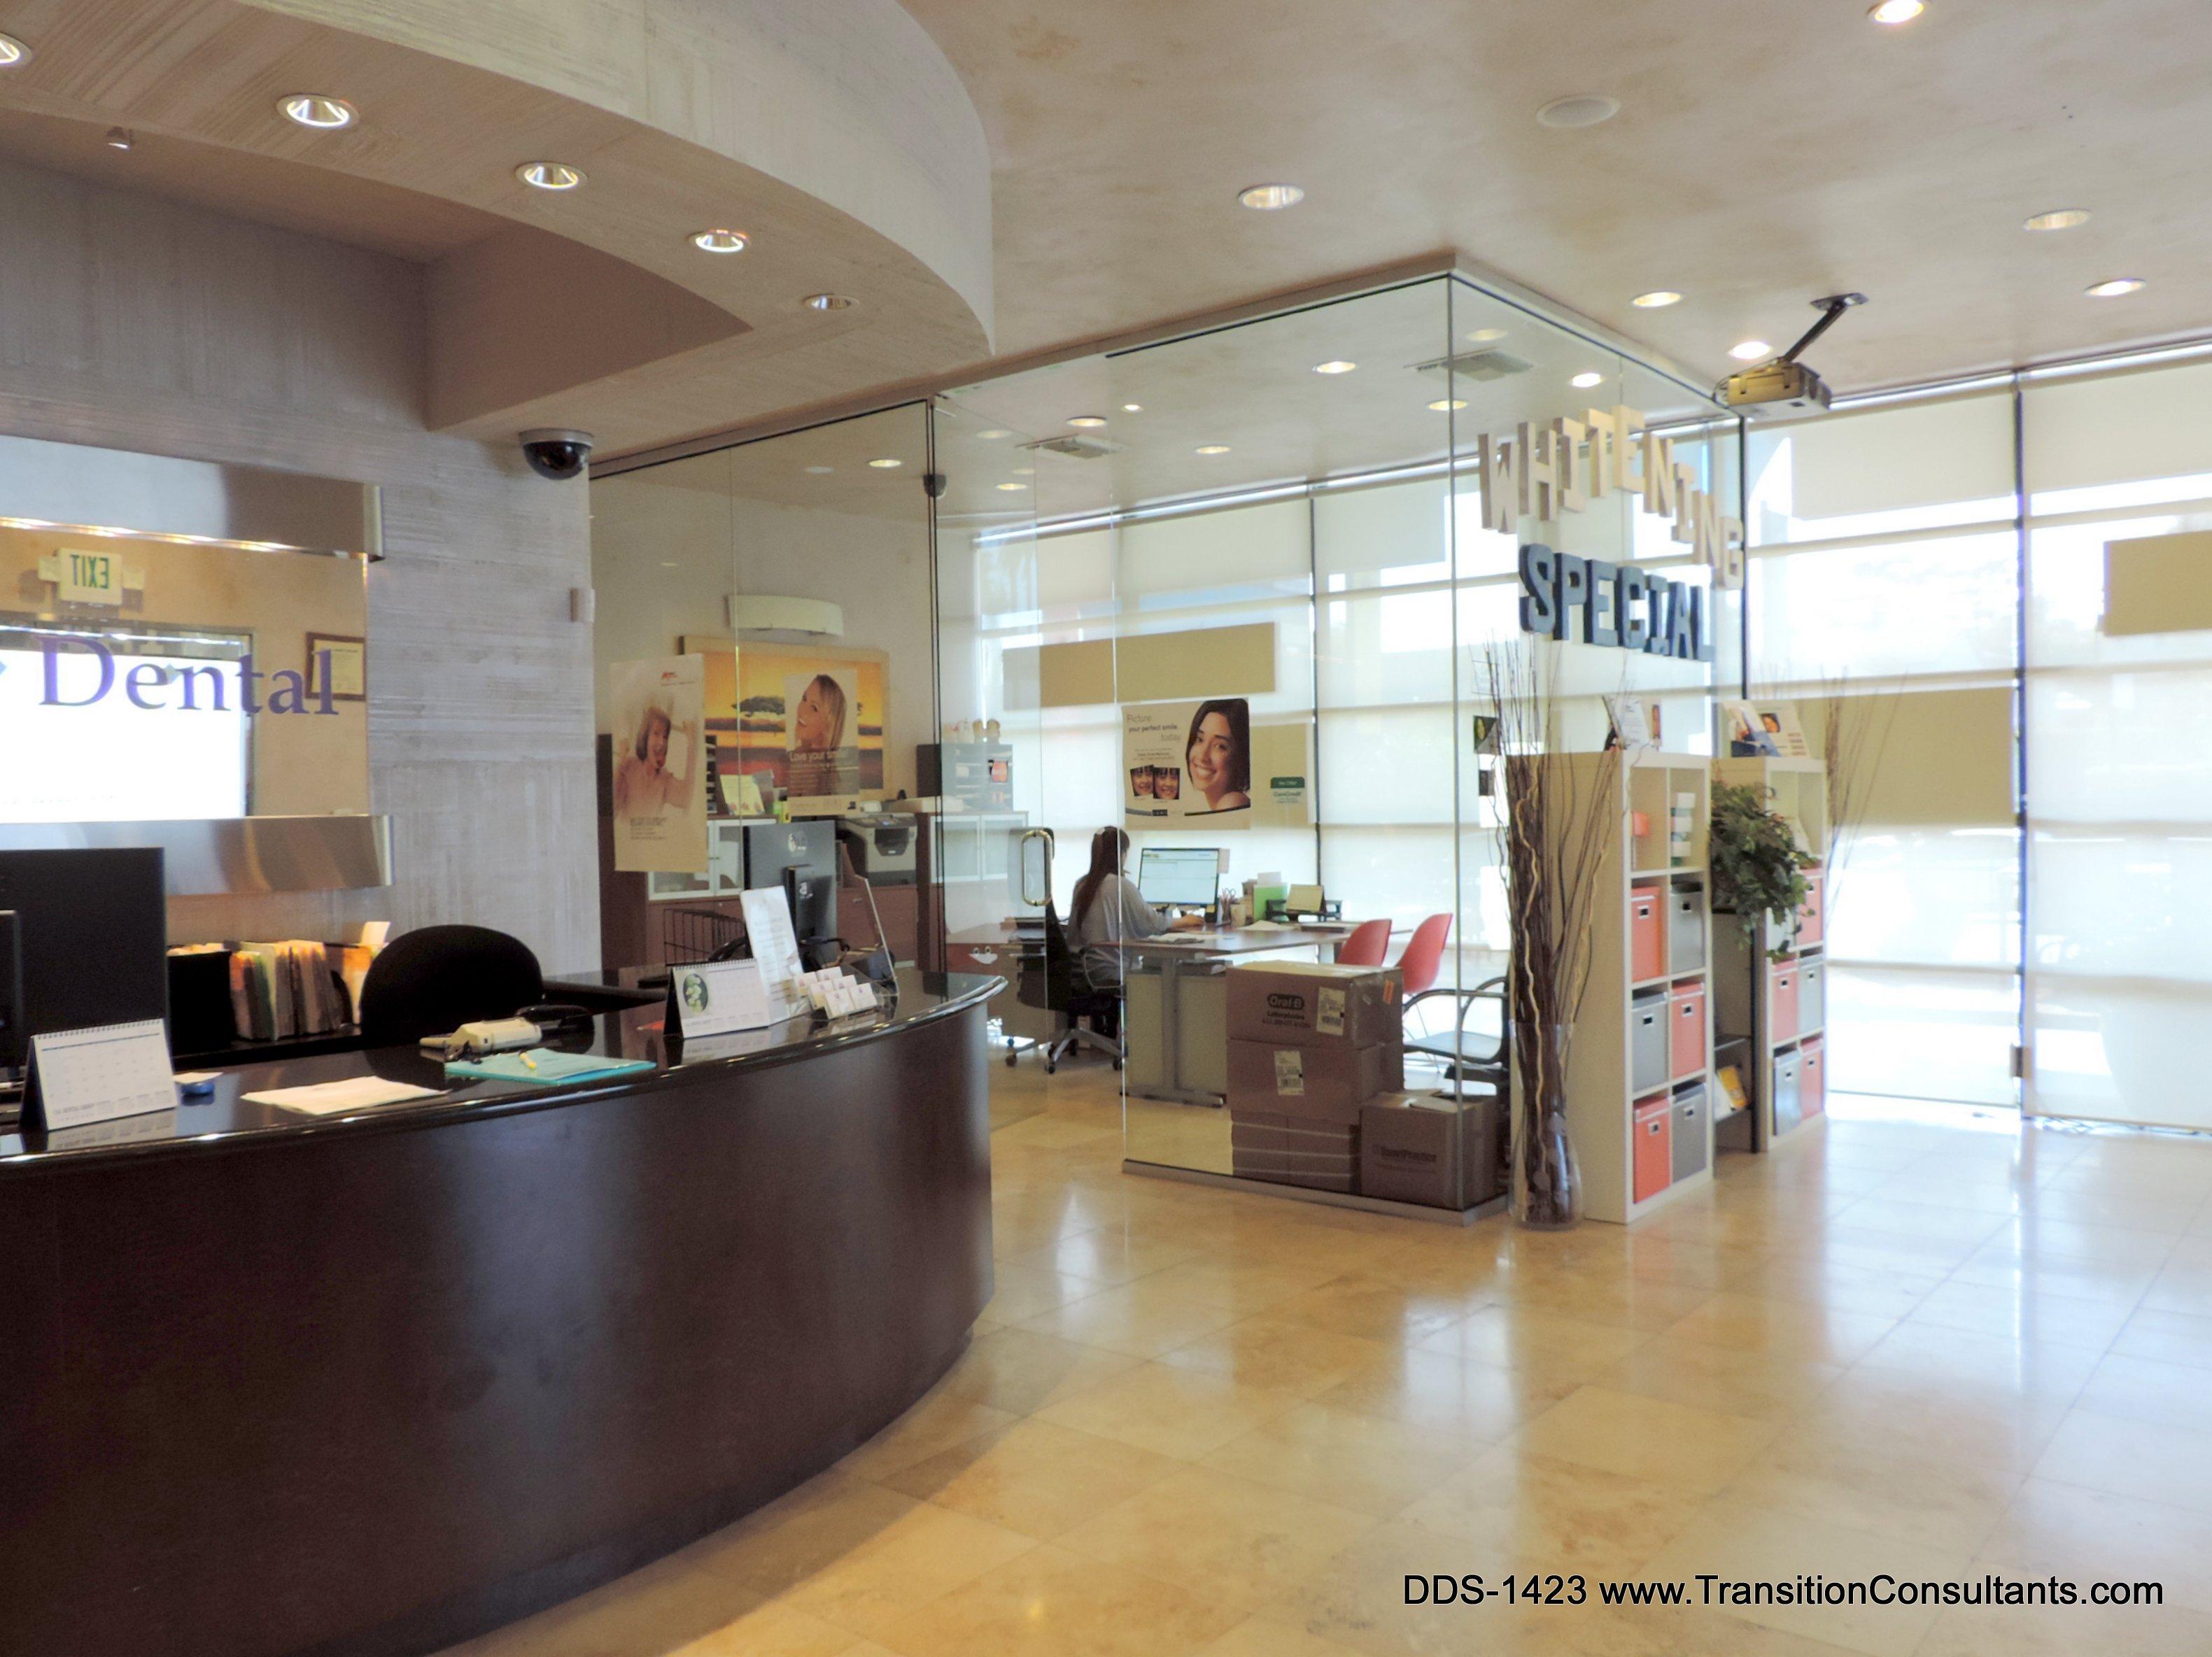 Off Market Dental Practice For Sale Los Angeles